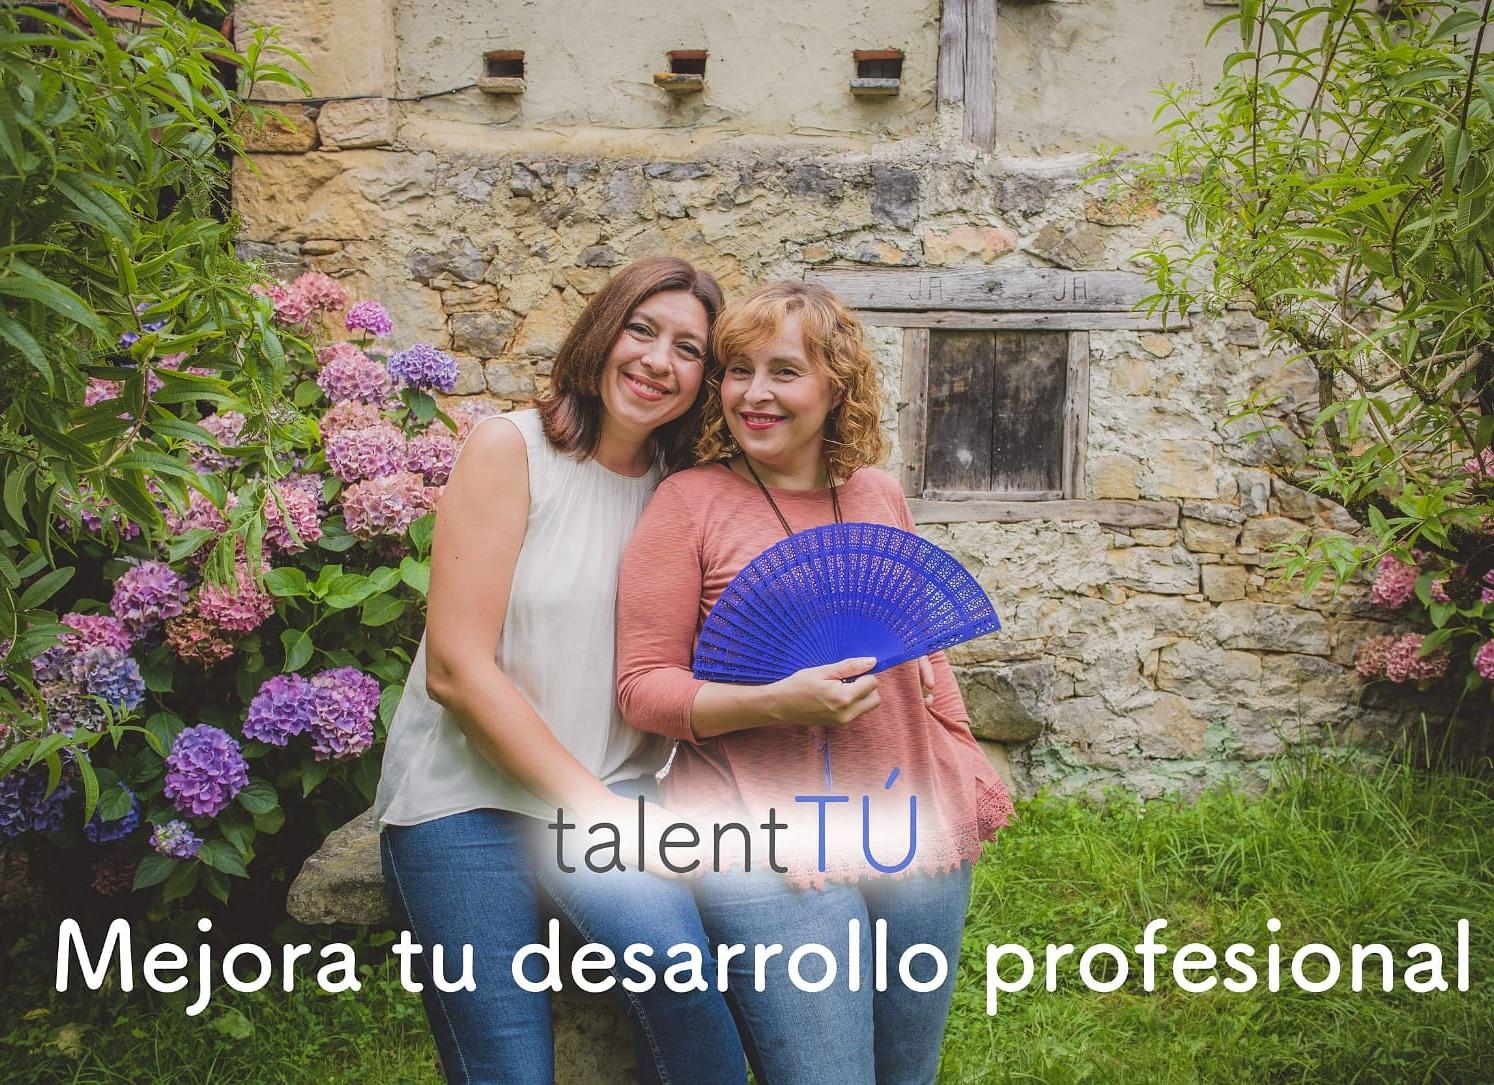 Mejora tu desarrollo profesional en #TalenTÚ con Meme Romero